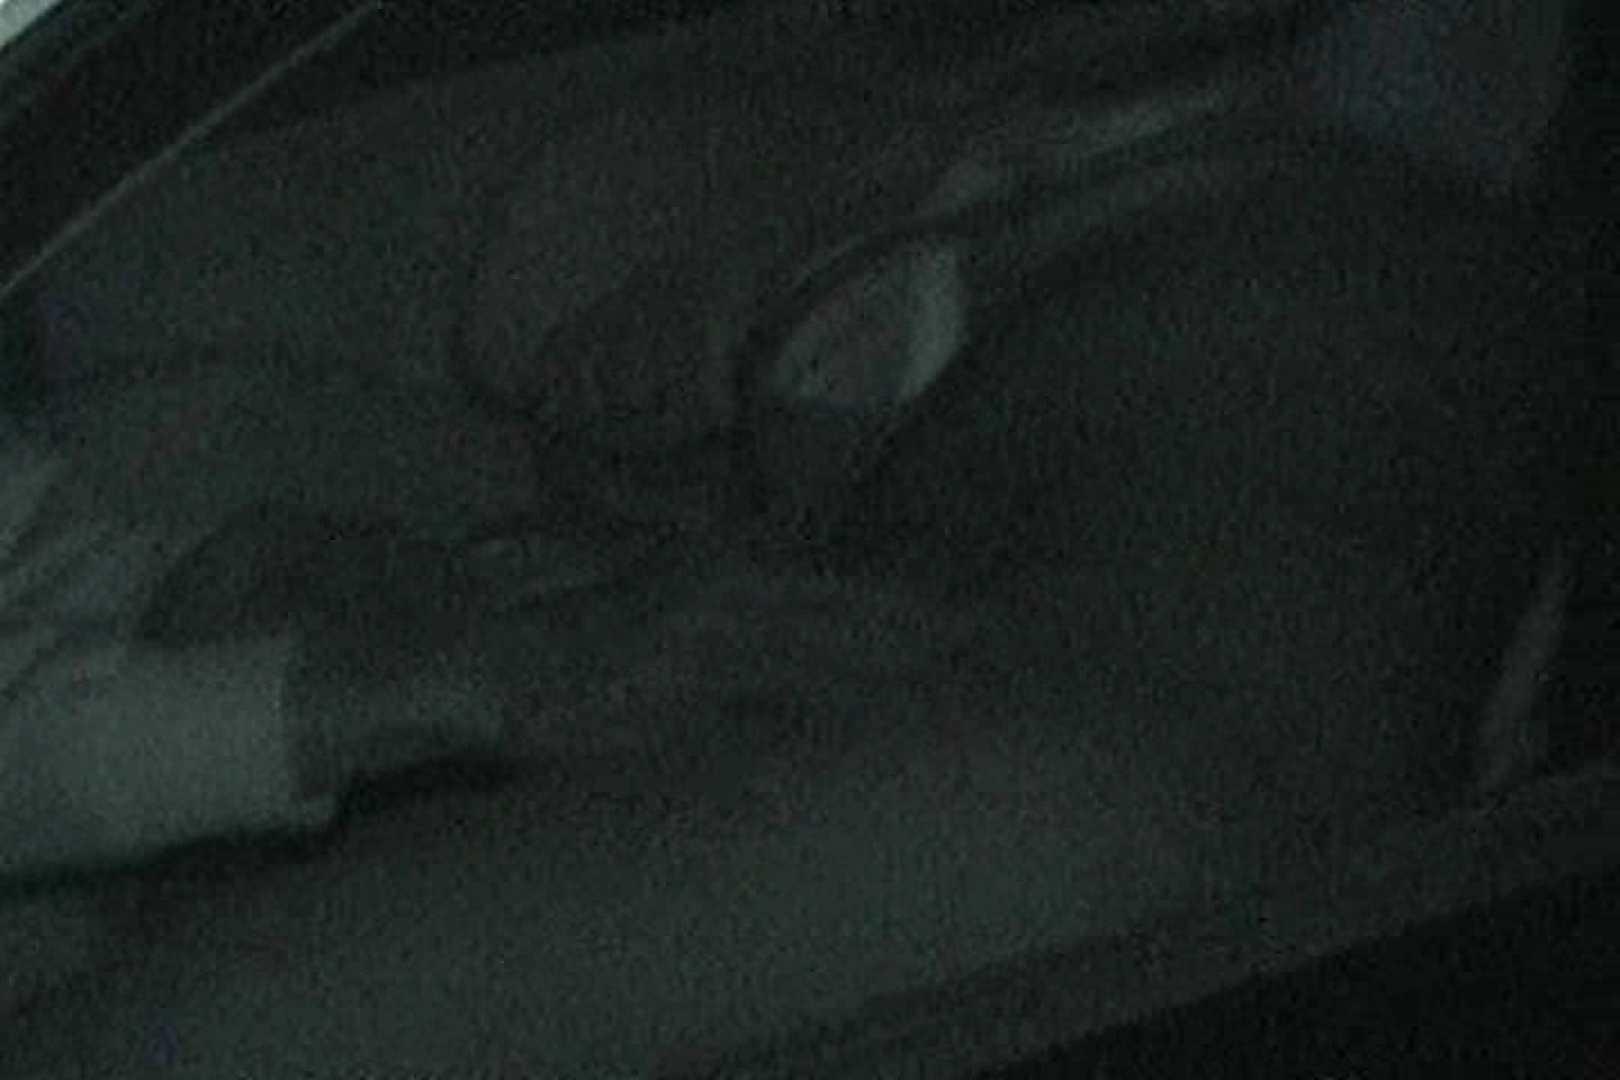 「充血監督」さんの深夜の運動会!! vol.103 ぽっちゃり 性交動画流出 67PIX 59